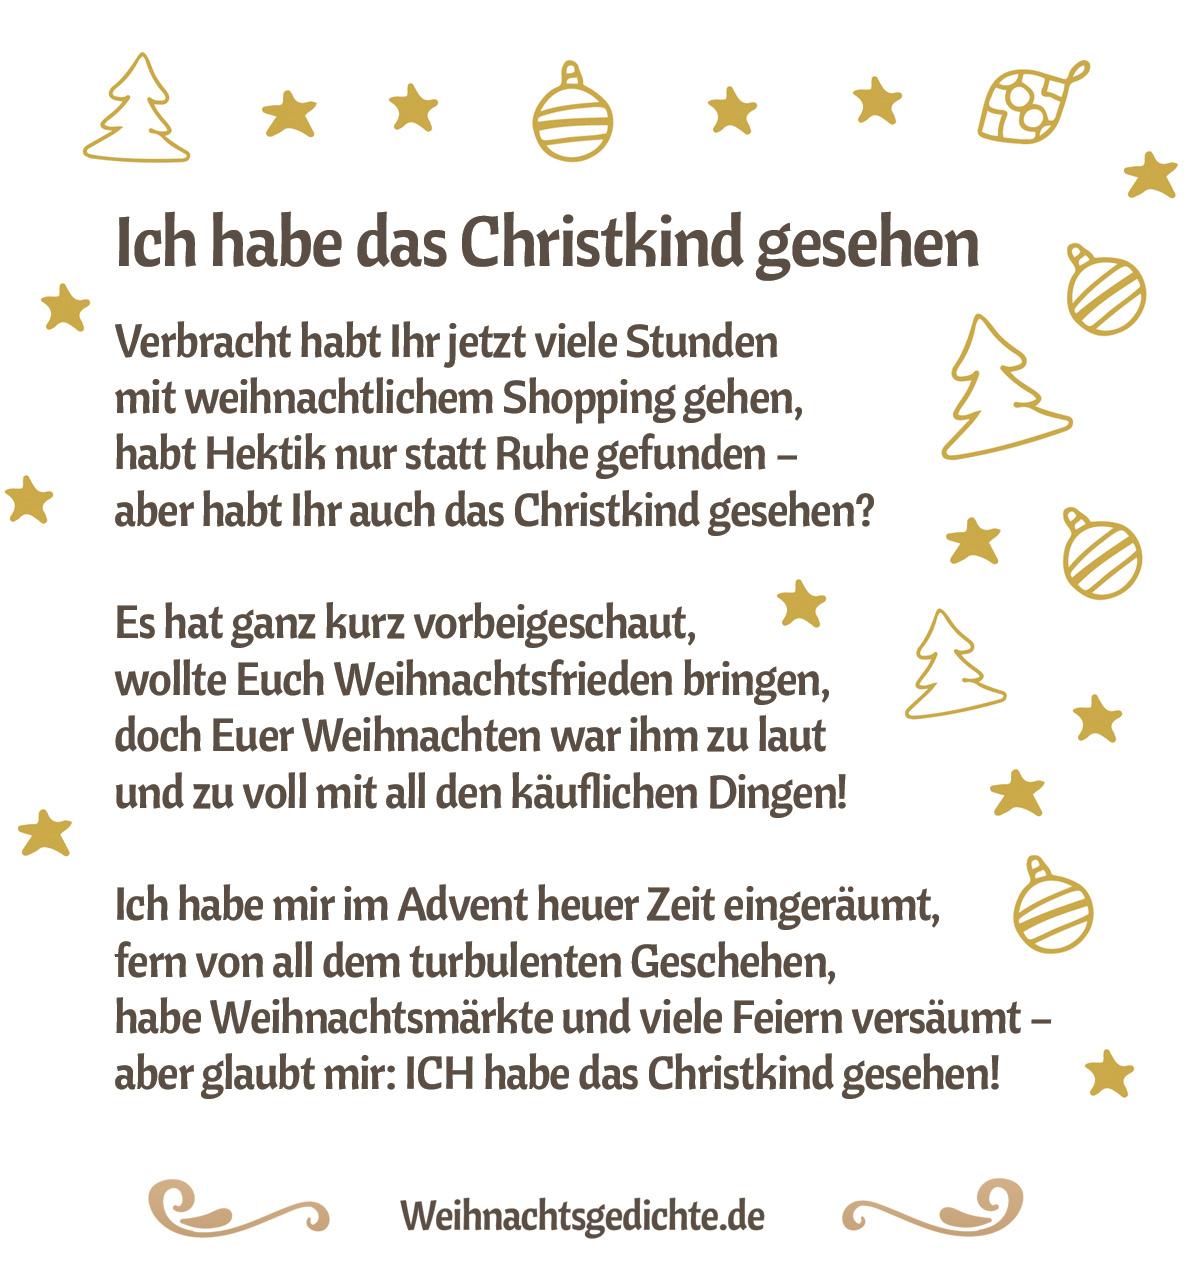 Weihnachtsgedichte Bilder Zum Versenden Als E-Mail Oder Facebook in Kurze Lustige Gedichte Zu Weihnachten